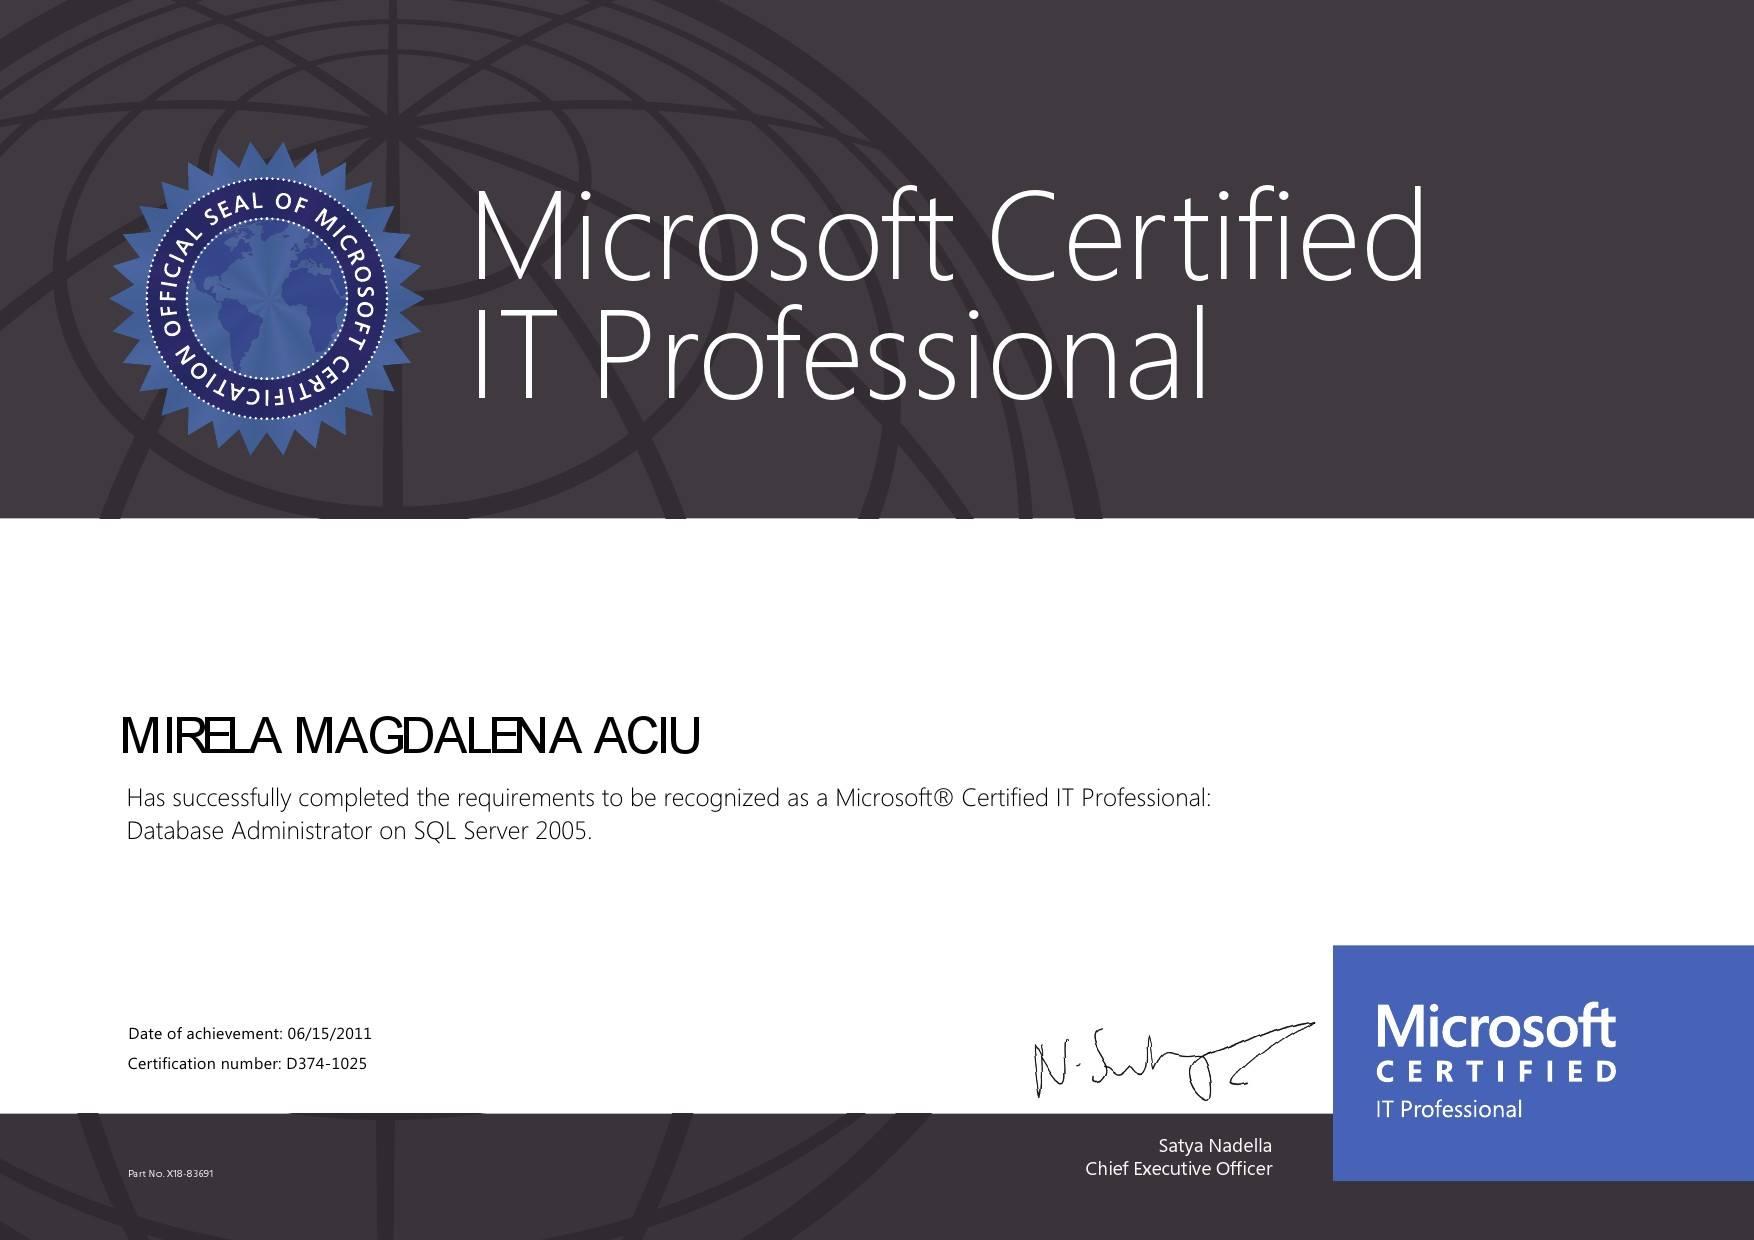 MIRELA MAGDALENA ACIU - SQL Server 2005